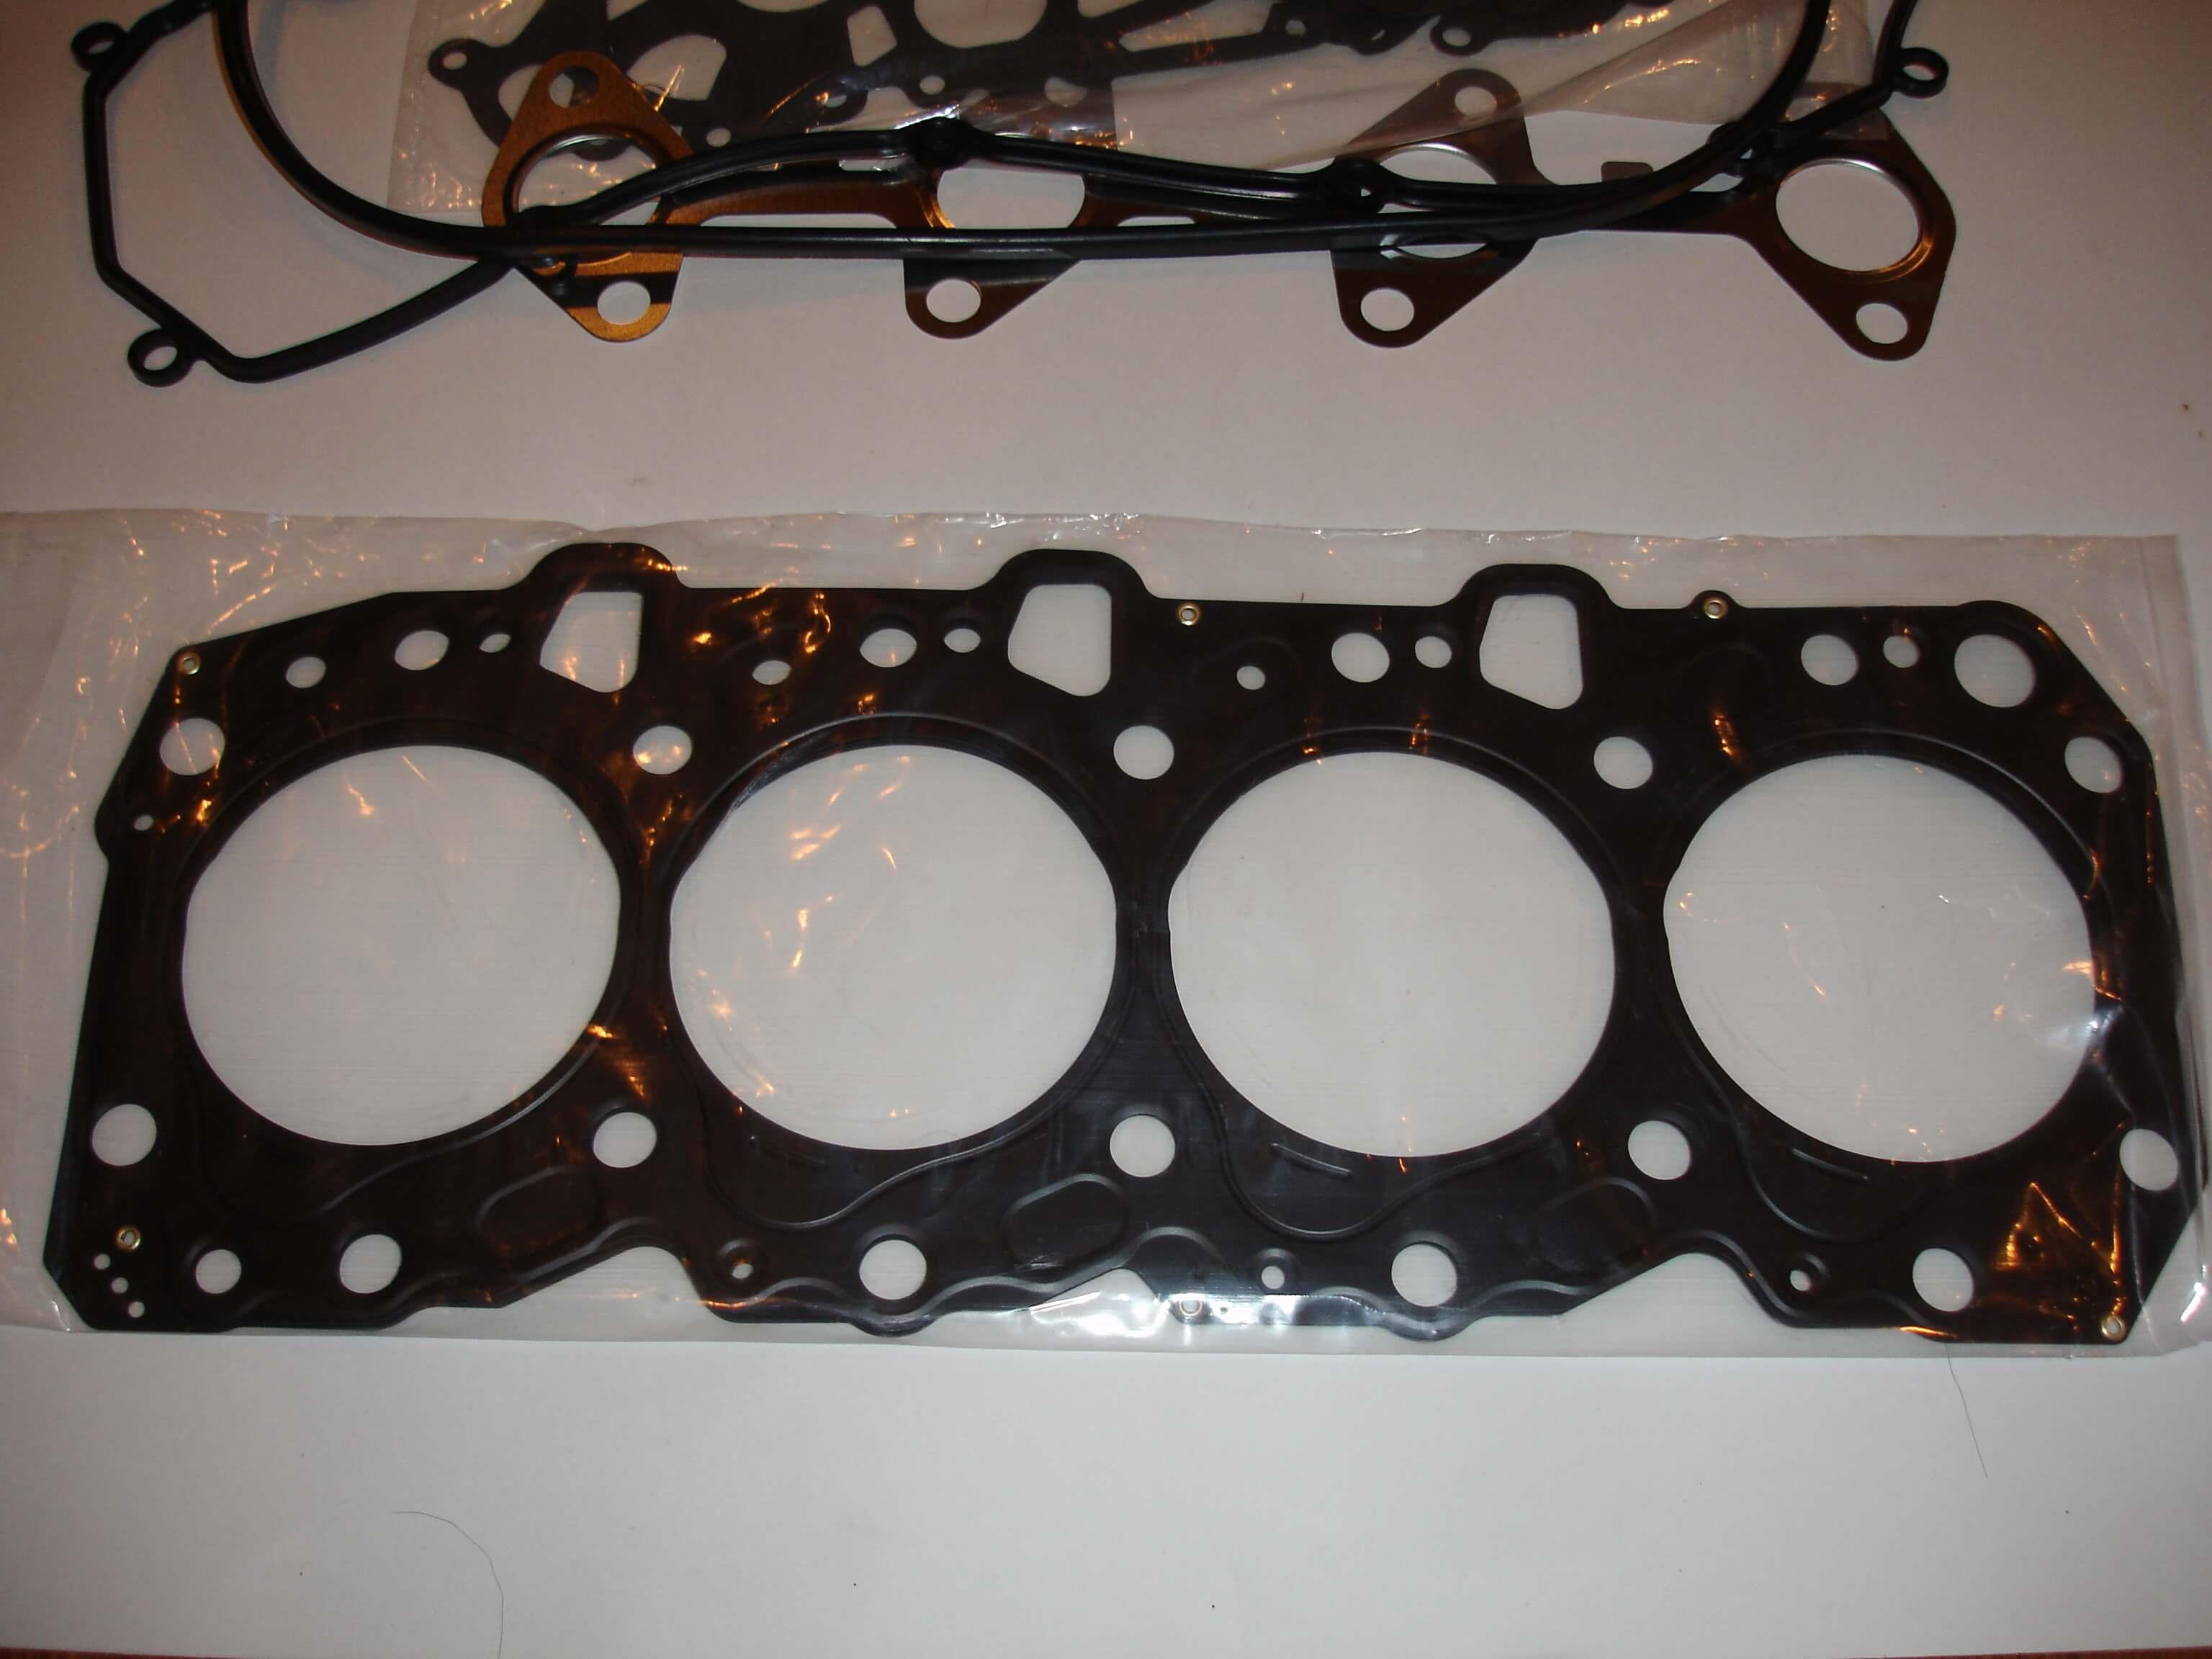 Toyota OEM Diesel 1KZ-TE Enginer Overhaul Gasket Kit 04111-67020 04111-67025